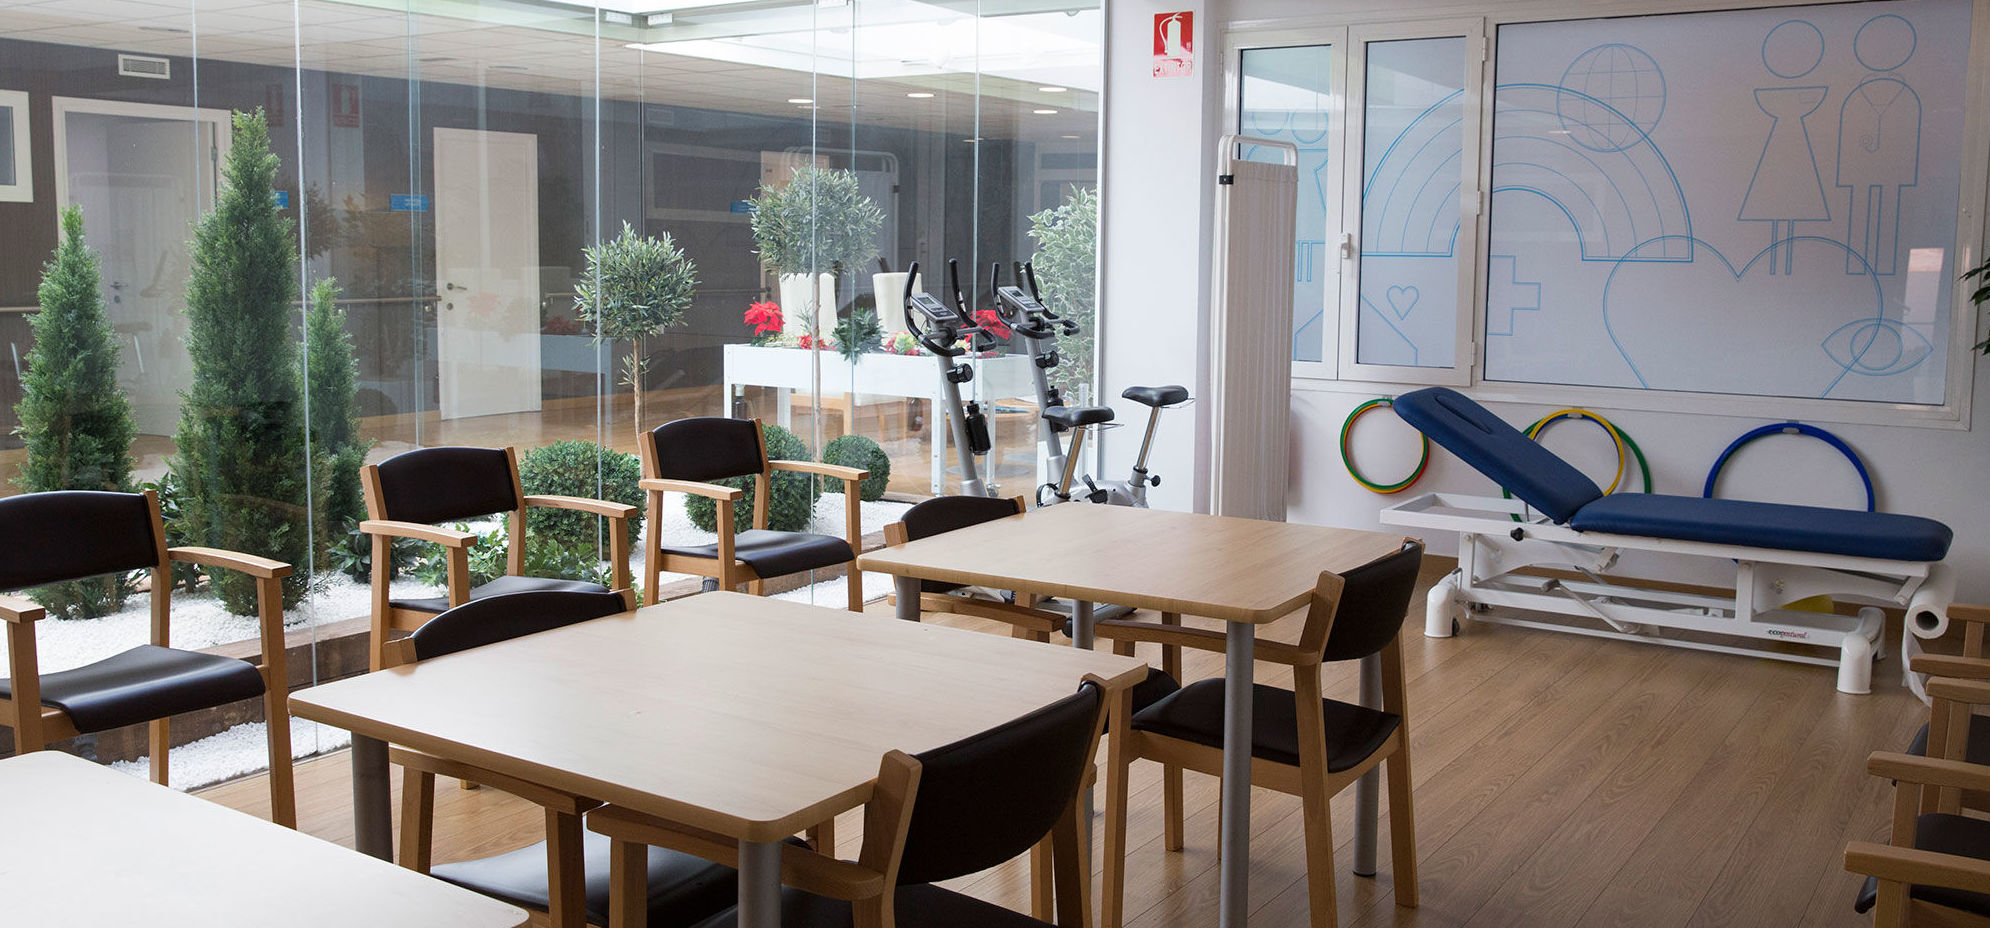 Sala polivalente del Centro de día Sarrià